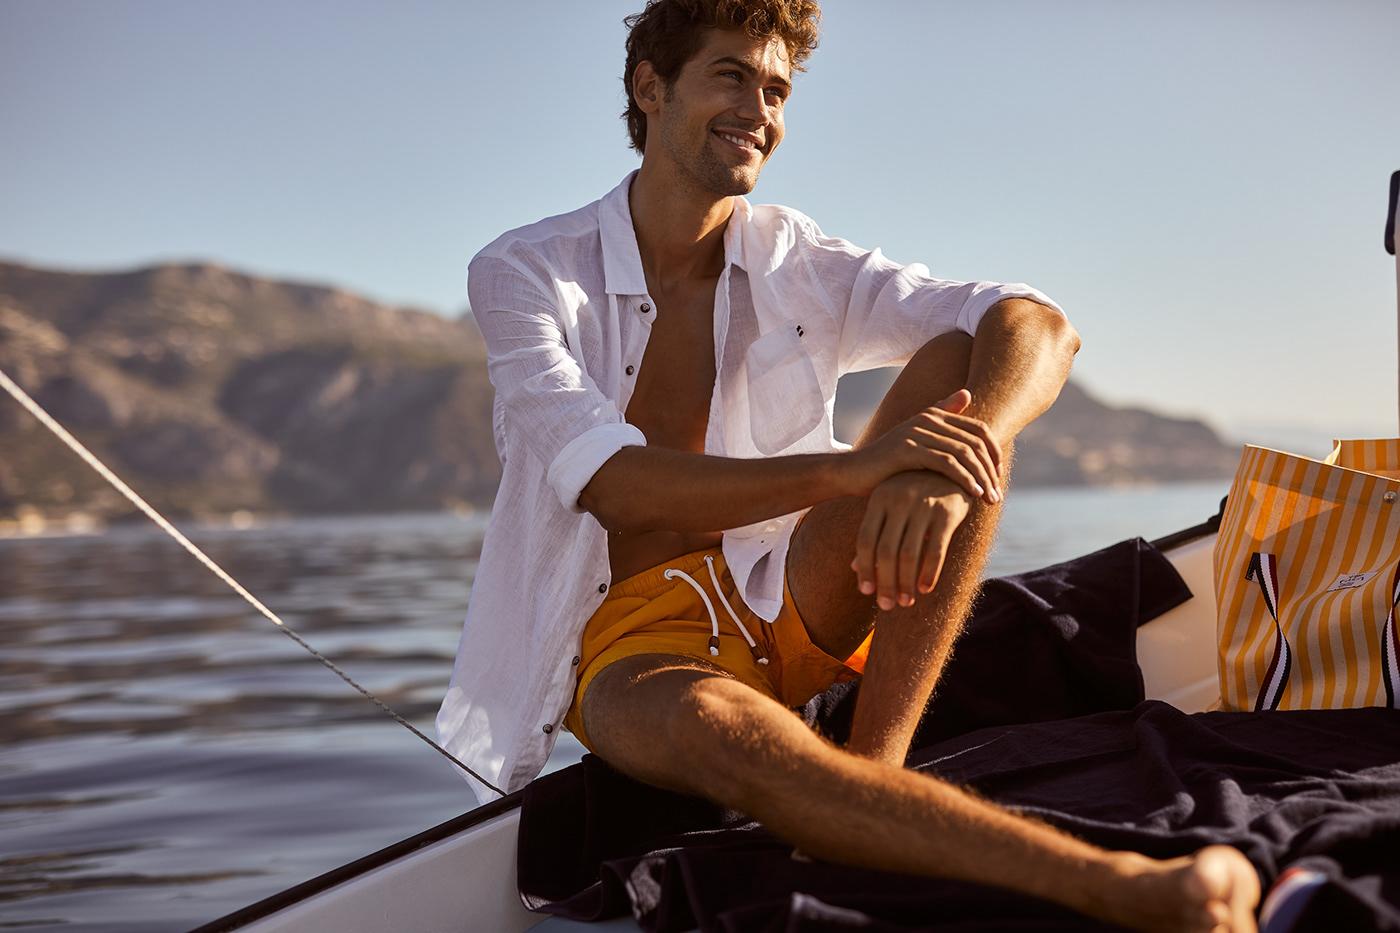 BEACHWEAR campaign cote d'azur male model Monaco Riviera ss20 Summerwear swimwear